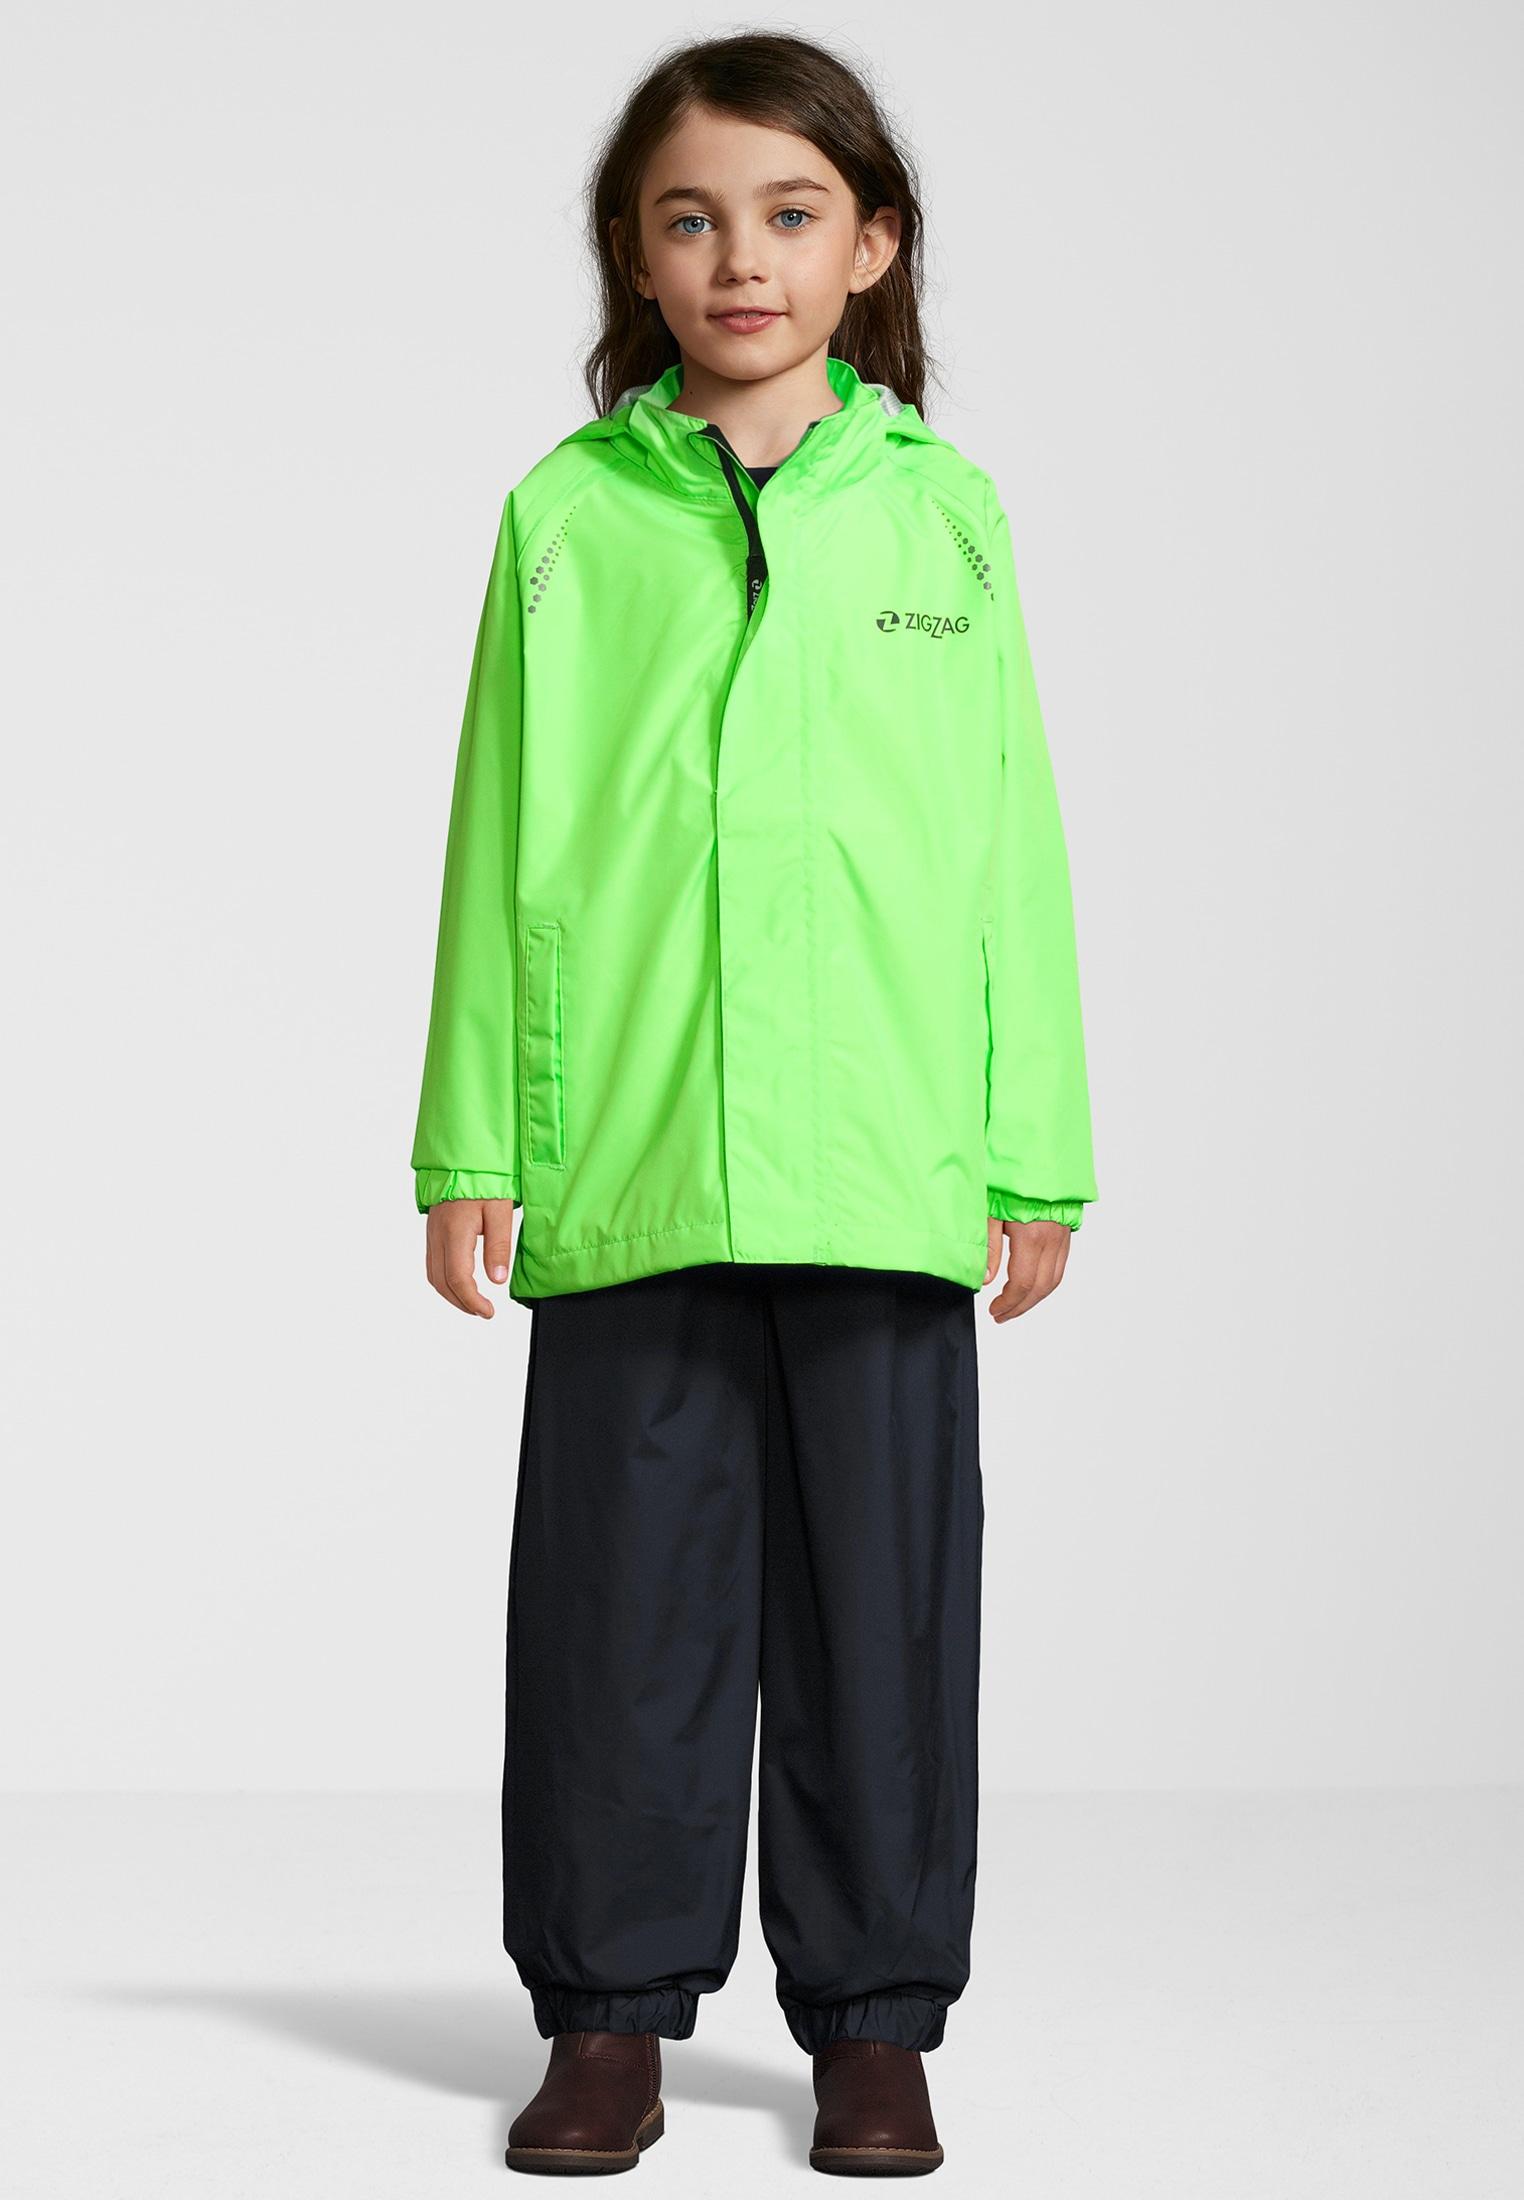 ZIGZAG Regenanzug Ophir W, W-PRO 10000 grün Kinder Regenanzüge Regenbekleidung Jungenkleidung 5712119010034